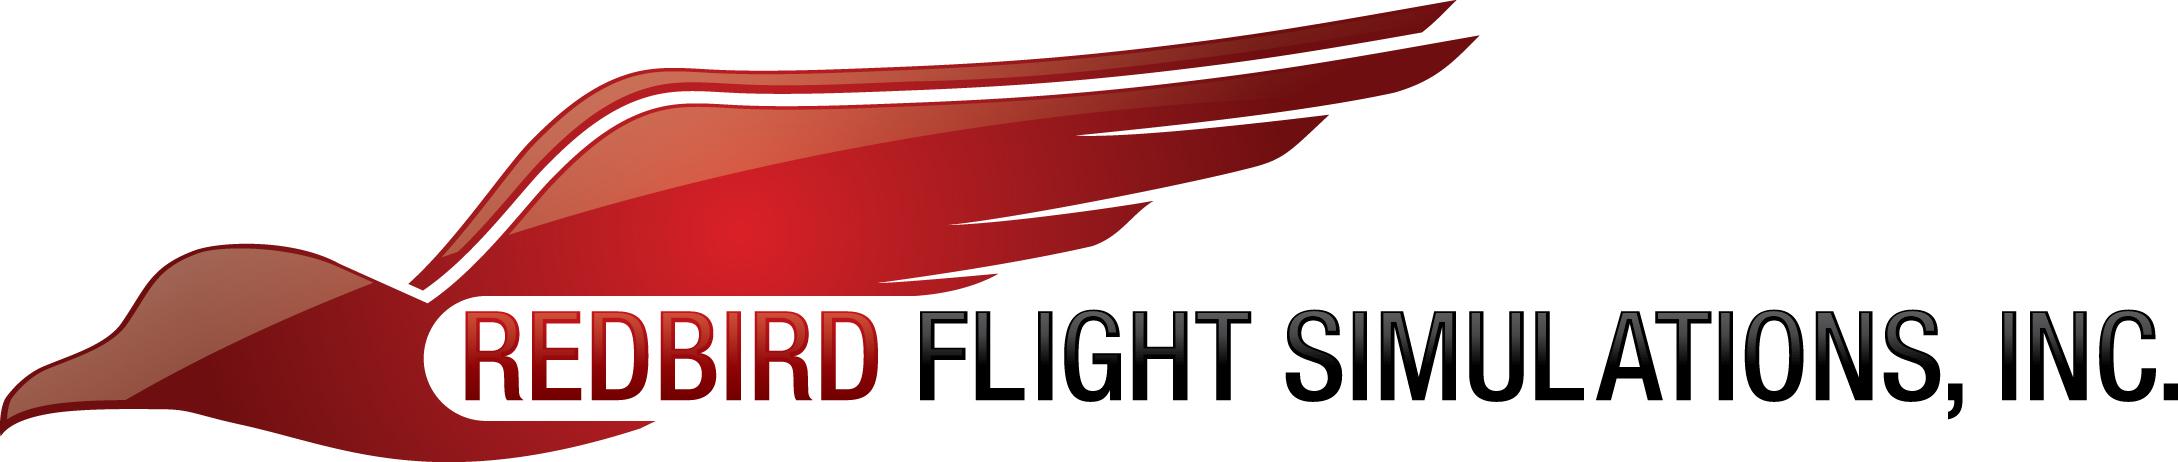 redbird-flight-simulations-1.jpg